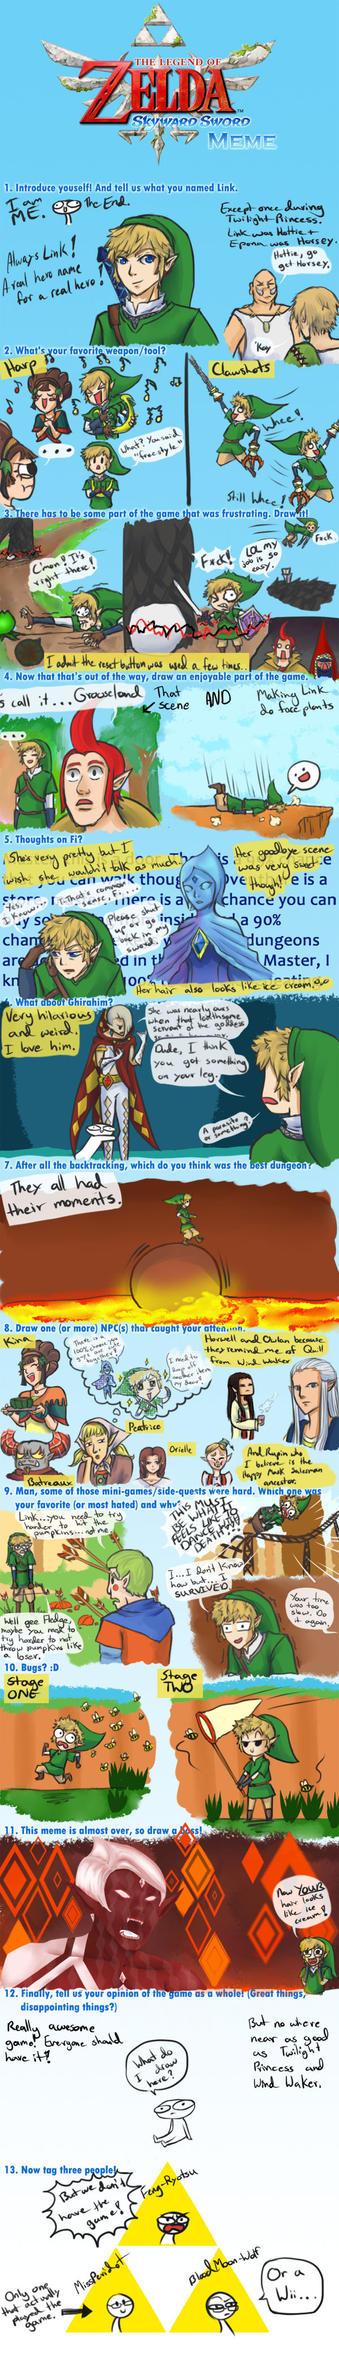 Skyward Sword Meme by GhostAlly